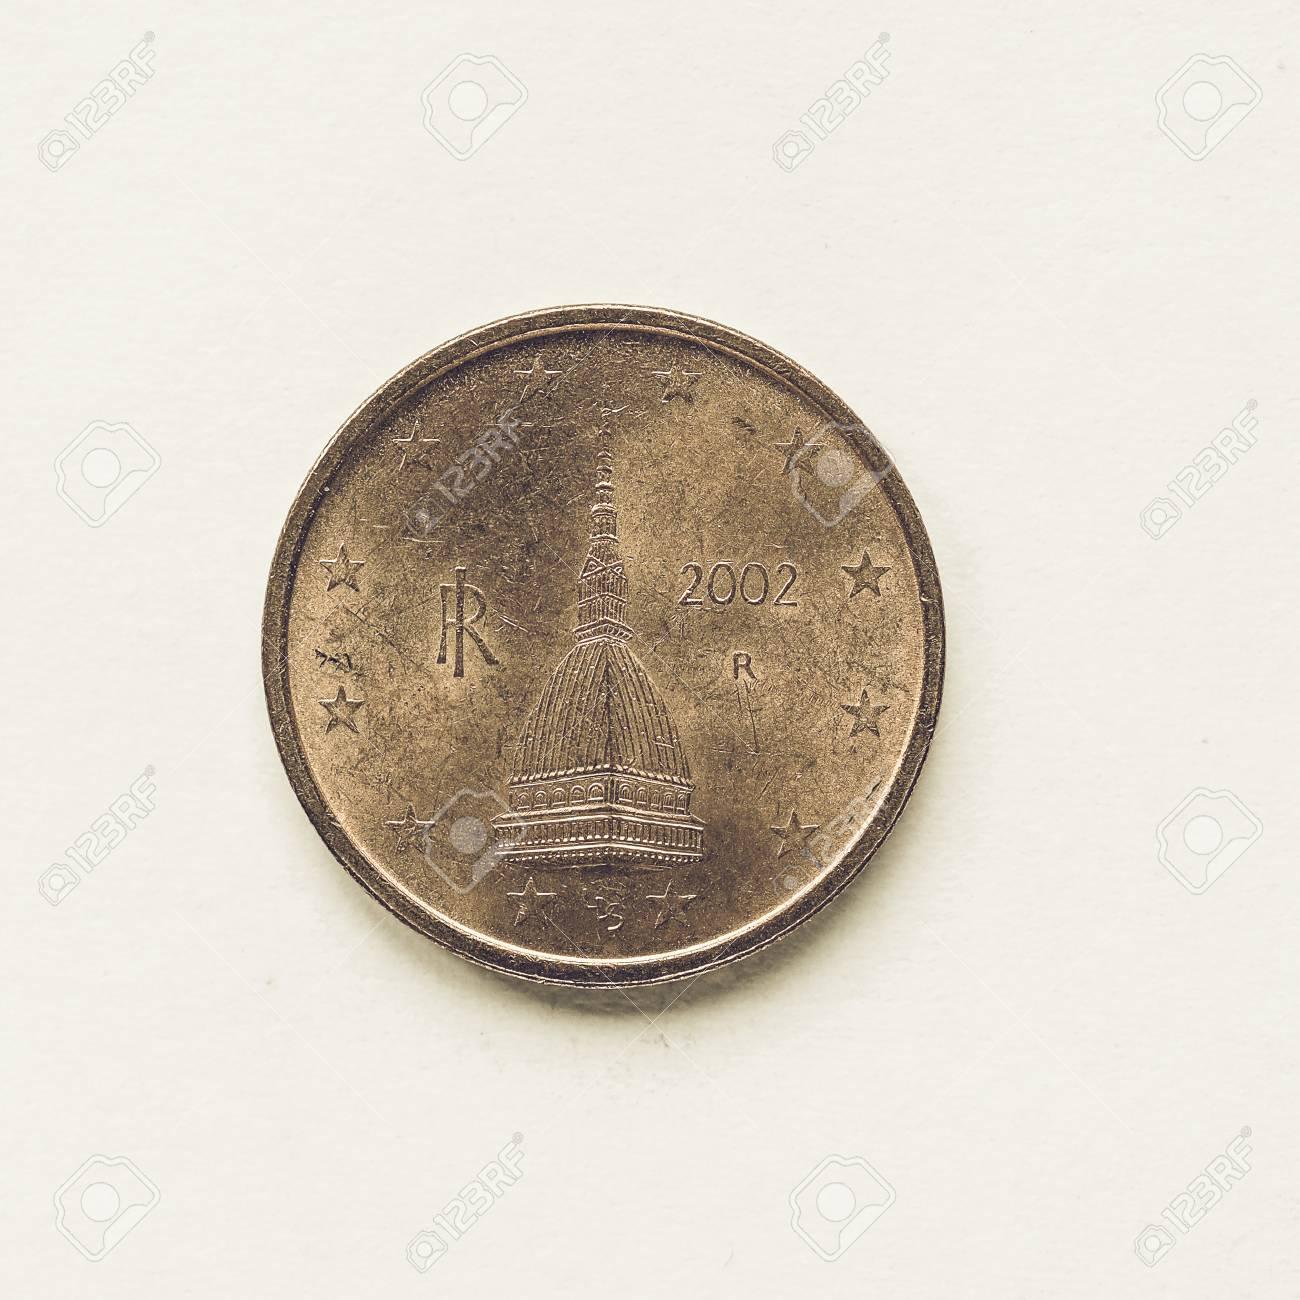 Jahrgang Suchen Währung Europa 2 Cent Münze Aus Italien Lizenzfreie